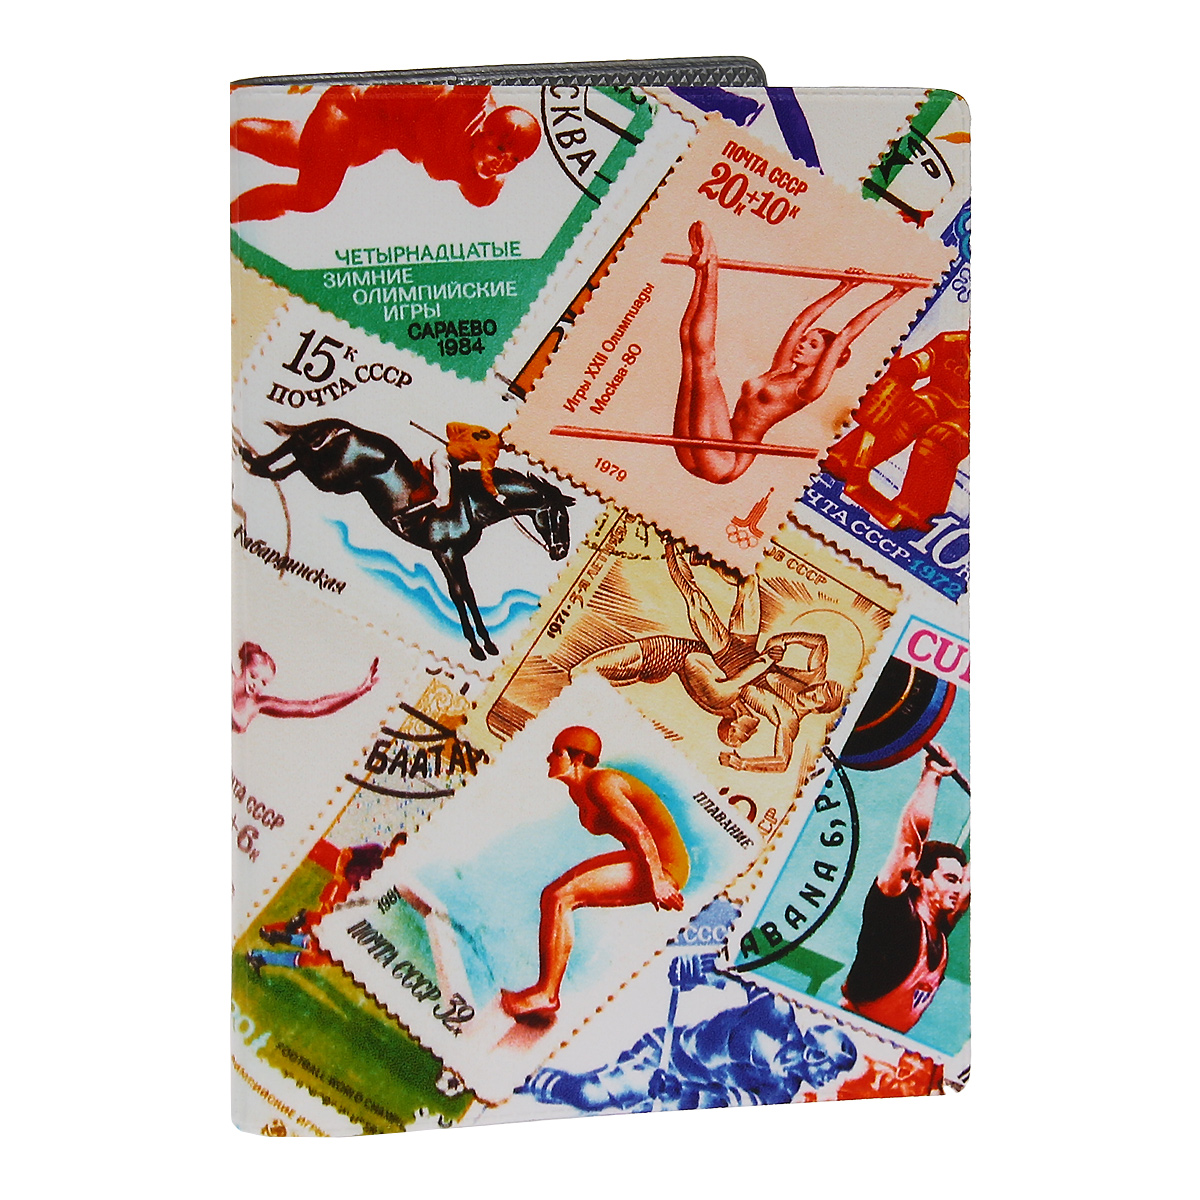 Обложка для паспорта Спорт (марки) 2. OZAM281O.1/1.KR. макОбложка для паспорта Mitya Veselkov Спорт. Марки - 2 выполнена из прочного ПВХ и оформлена изображениями почтовых марок со спортивной тематикой. Такая обложка не только поможет сохранить внешний вид ваших документов и защитит их от повреждений, но и станет стильным аксессуаром, идеально подходящим вашему образу.Яркая и оригинальная обложка подчеркнет вашу индивидуальность и изысканный вкус. Обложка для паспорта стильного дизайна может быть достойным и оригинальным подарком.